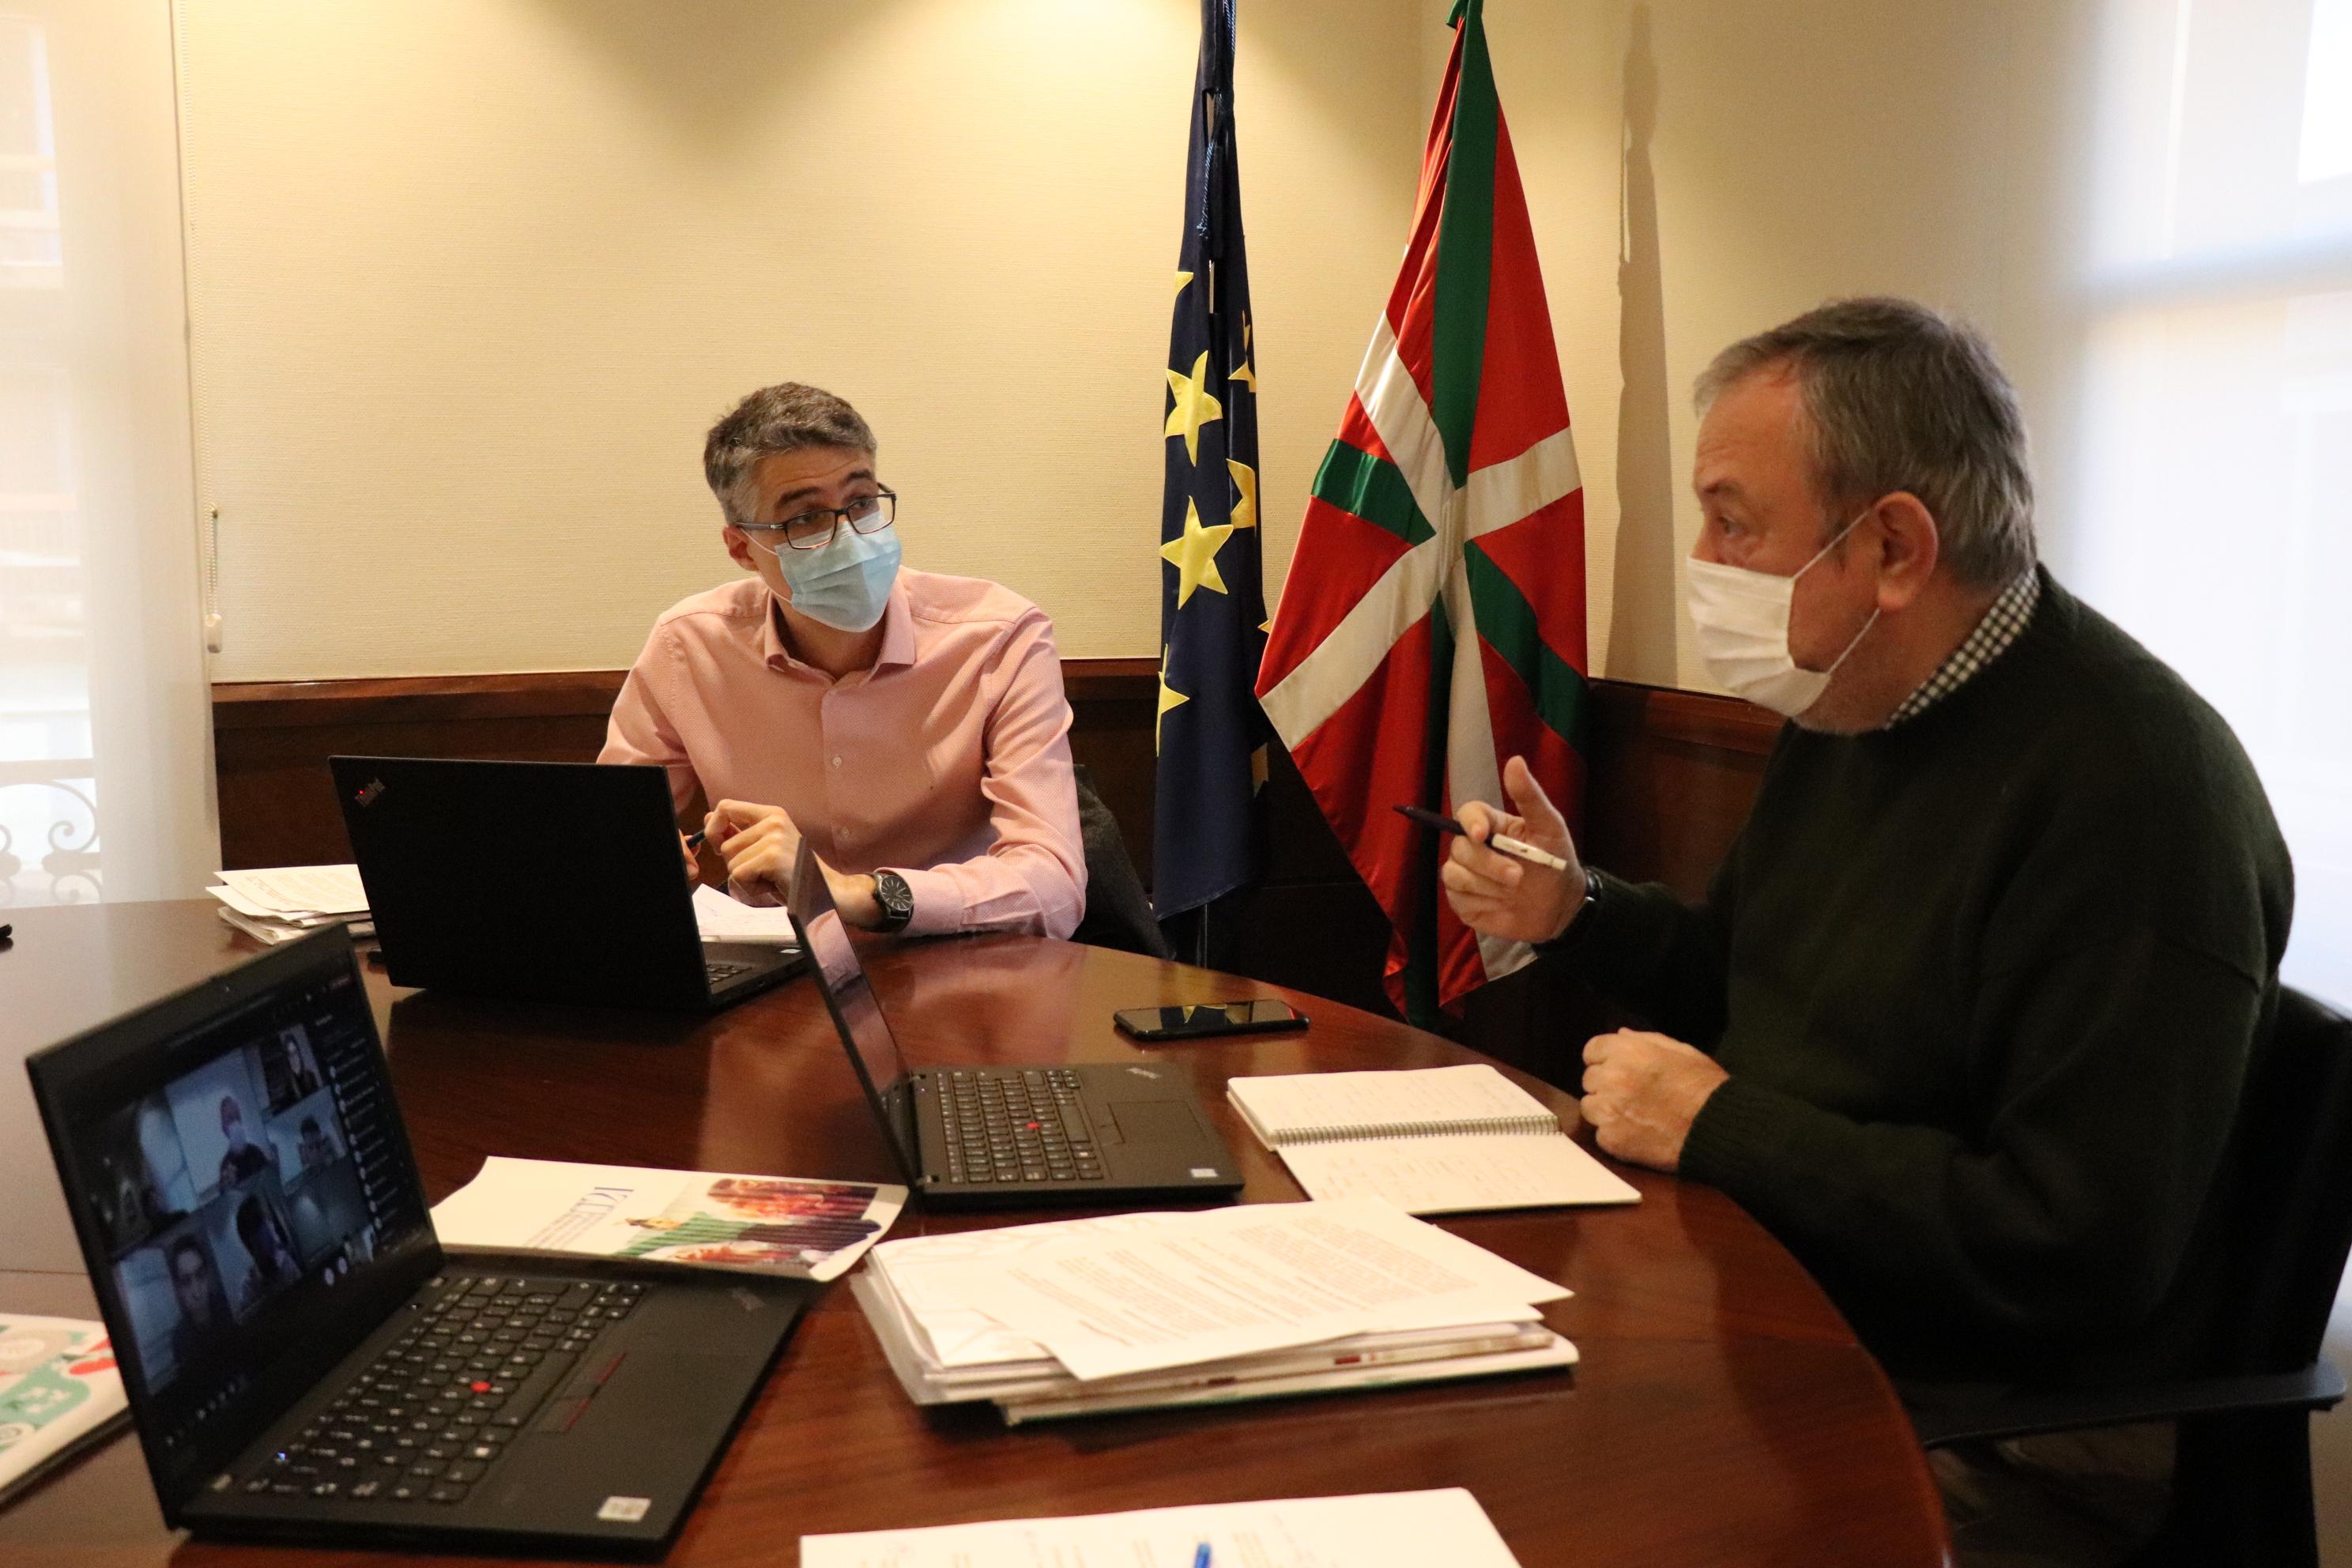 Tercera reunión de negociación (por videoconferencia) con el grupo parlamentario ELKARREKIN PODEMOS+IU sobre el presupuesto de la CAV de 2021 [4:46]